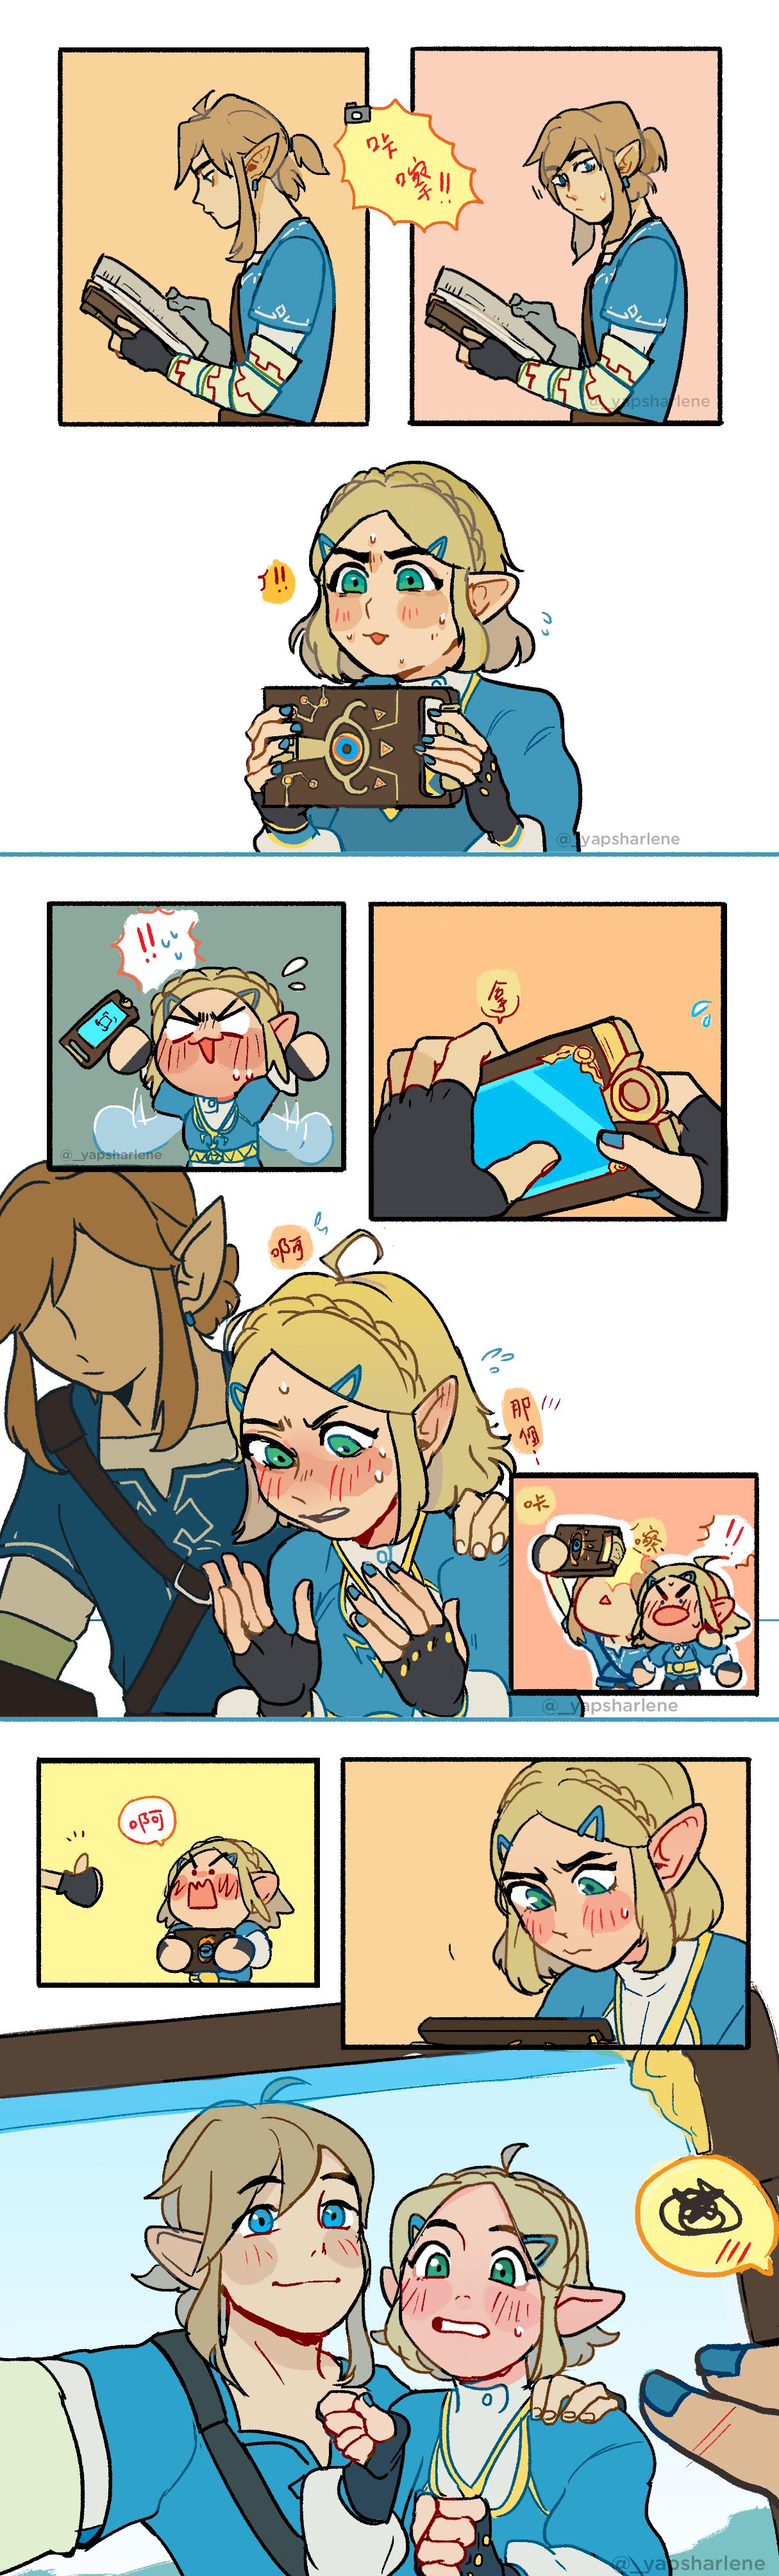 Botw2 Oc Shutter A Short Zelink Fan Comic Zelda Legend Of Zelda Memes Legend Of Zelda Legend Of Zelda Breath